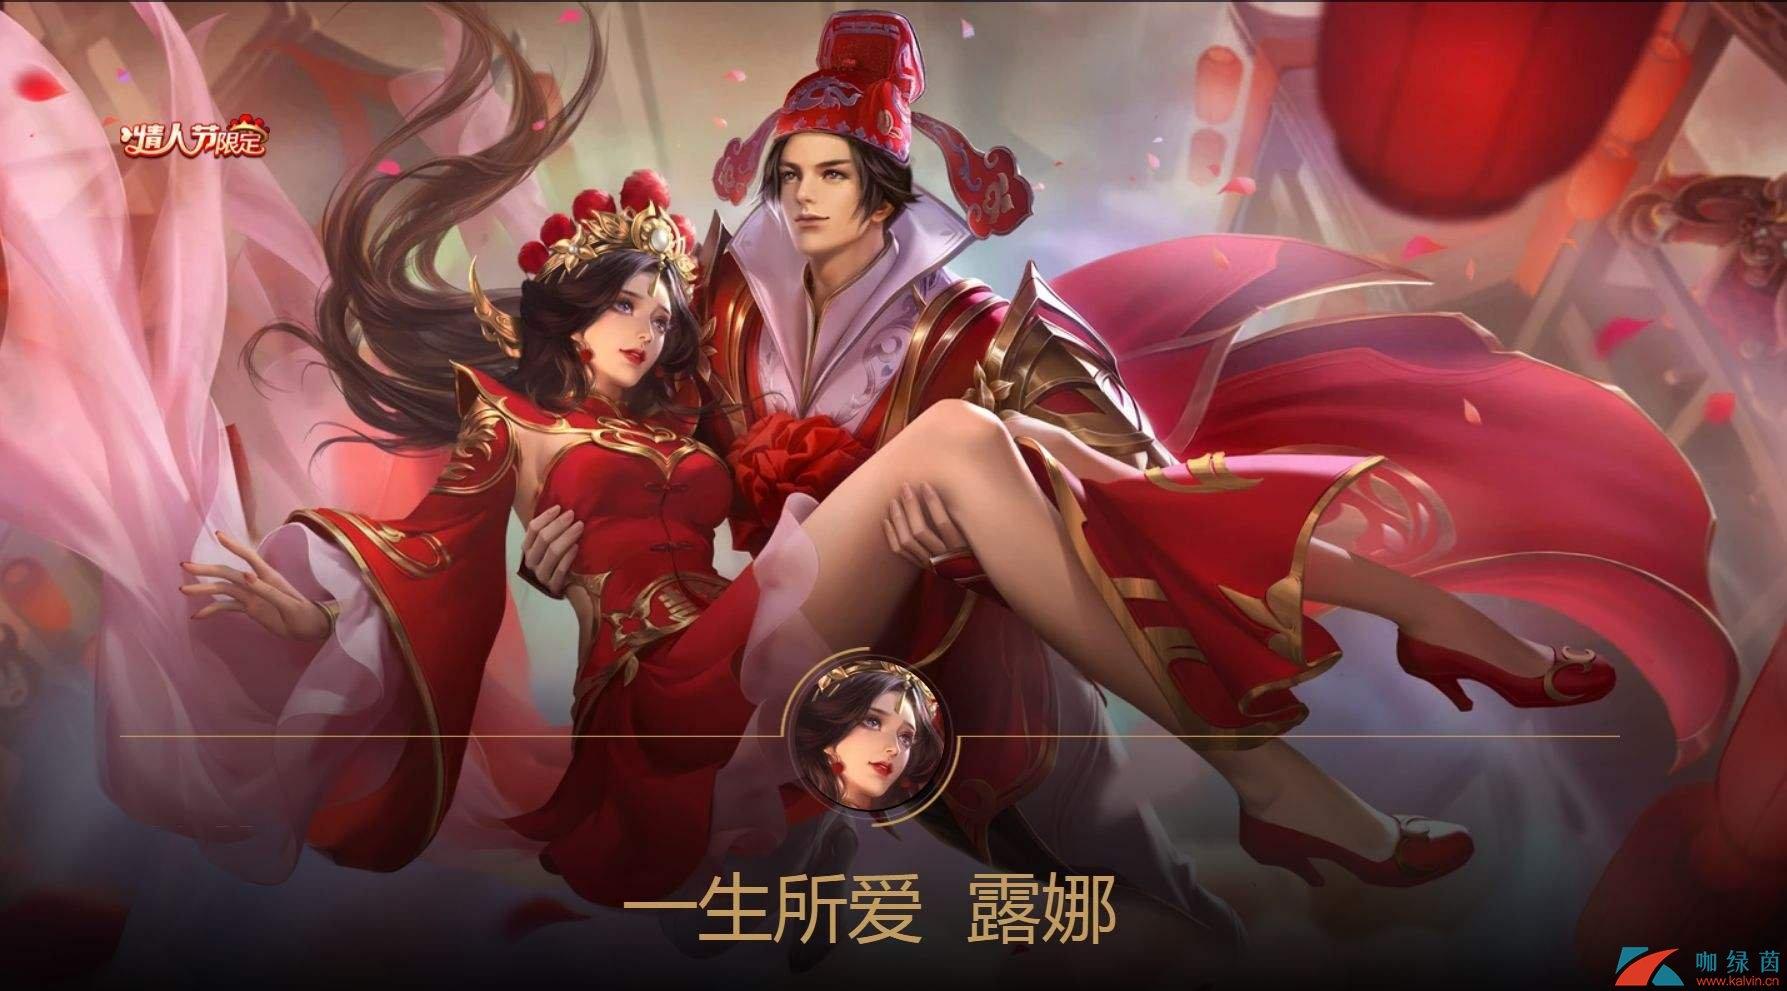 王者荣耀2020情人节返场皮肤一览